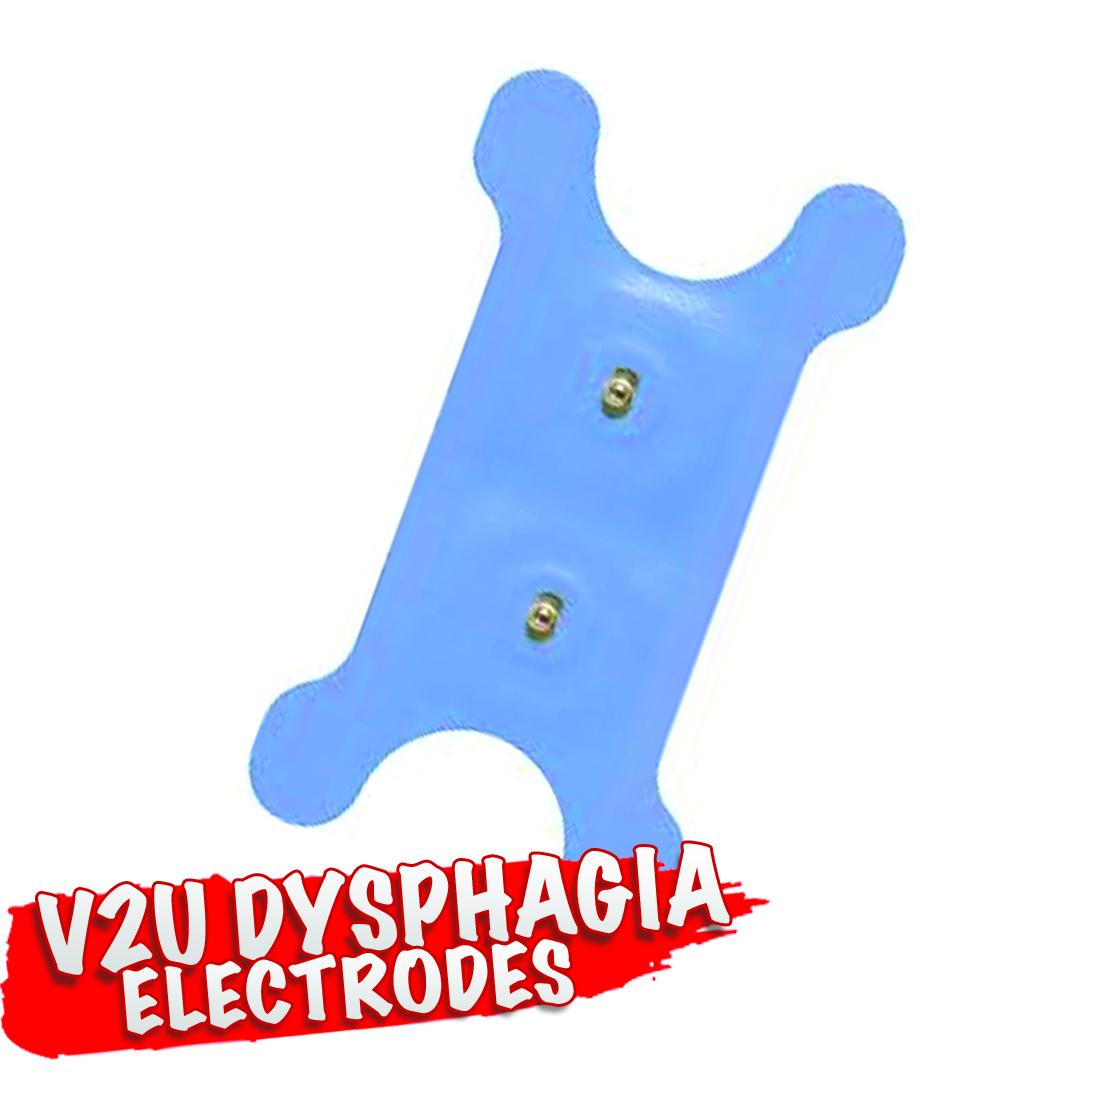 ELECTRODES - V2U Dysphagia Electrodes